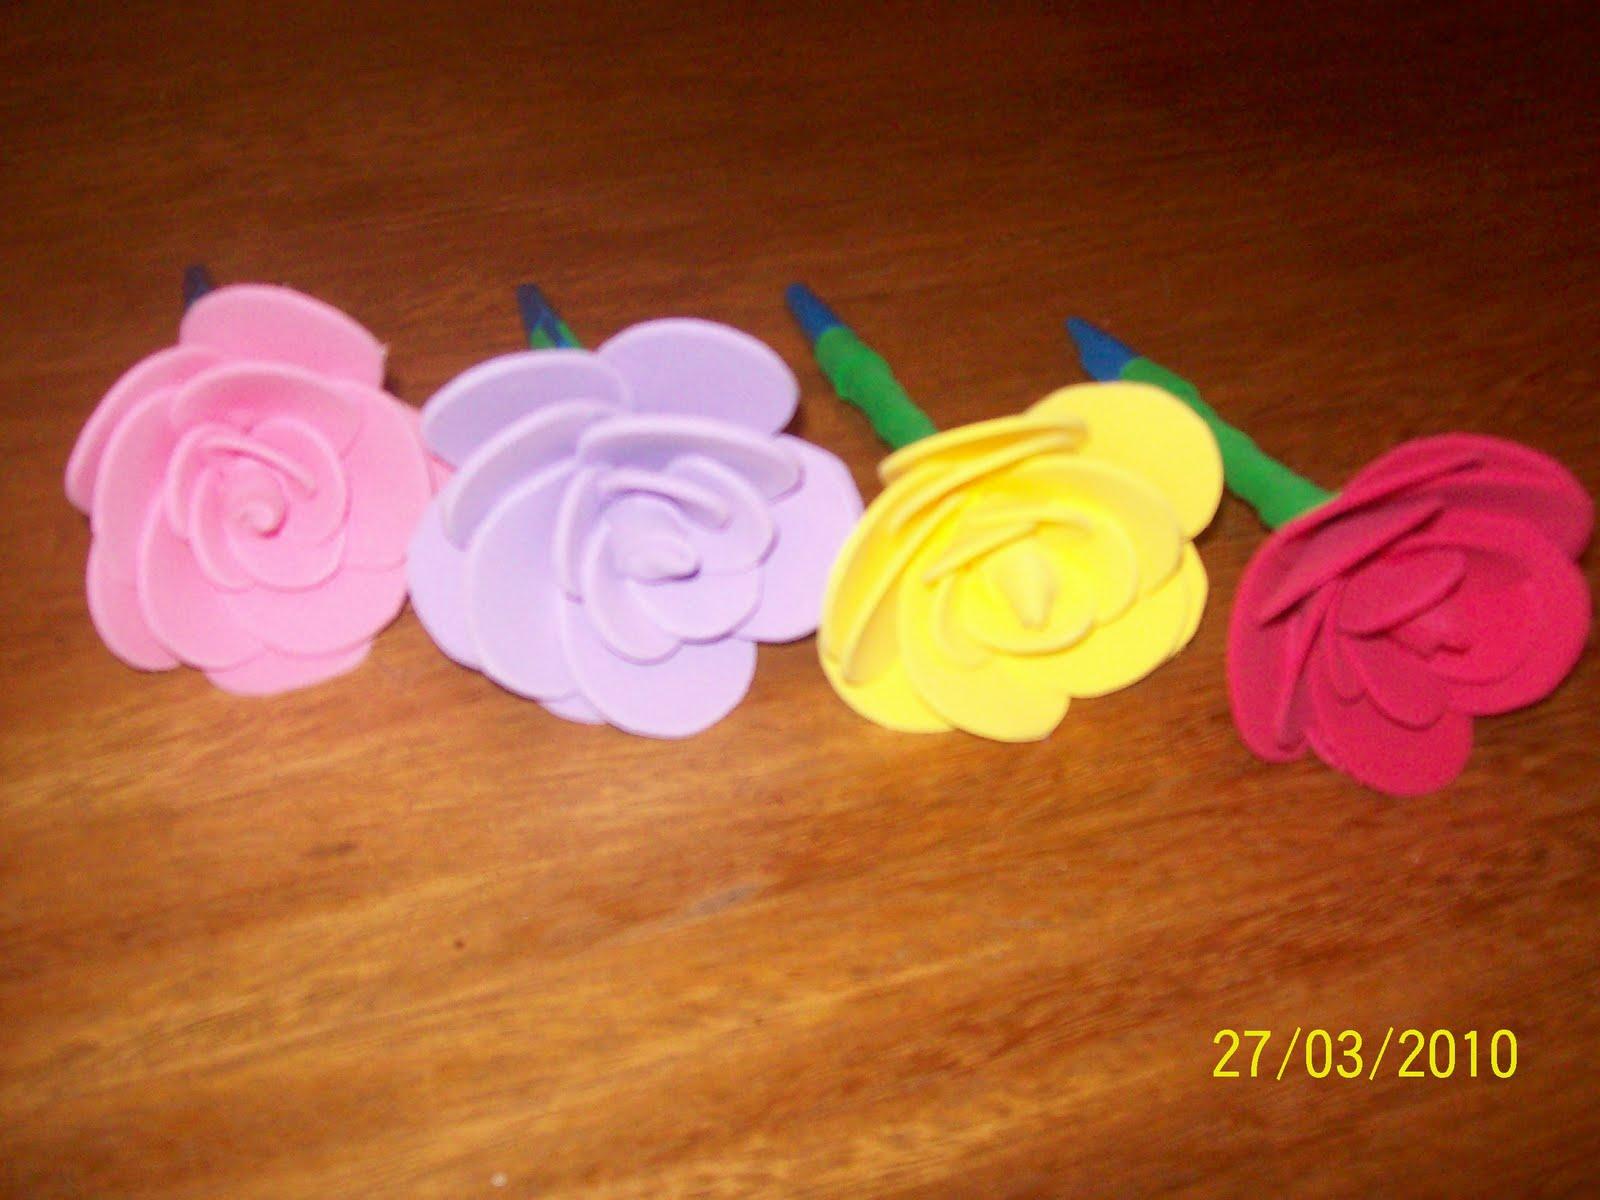 Ca As Decorada De Rosas De E V A Uma Otima Ideia De Lembrancinha